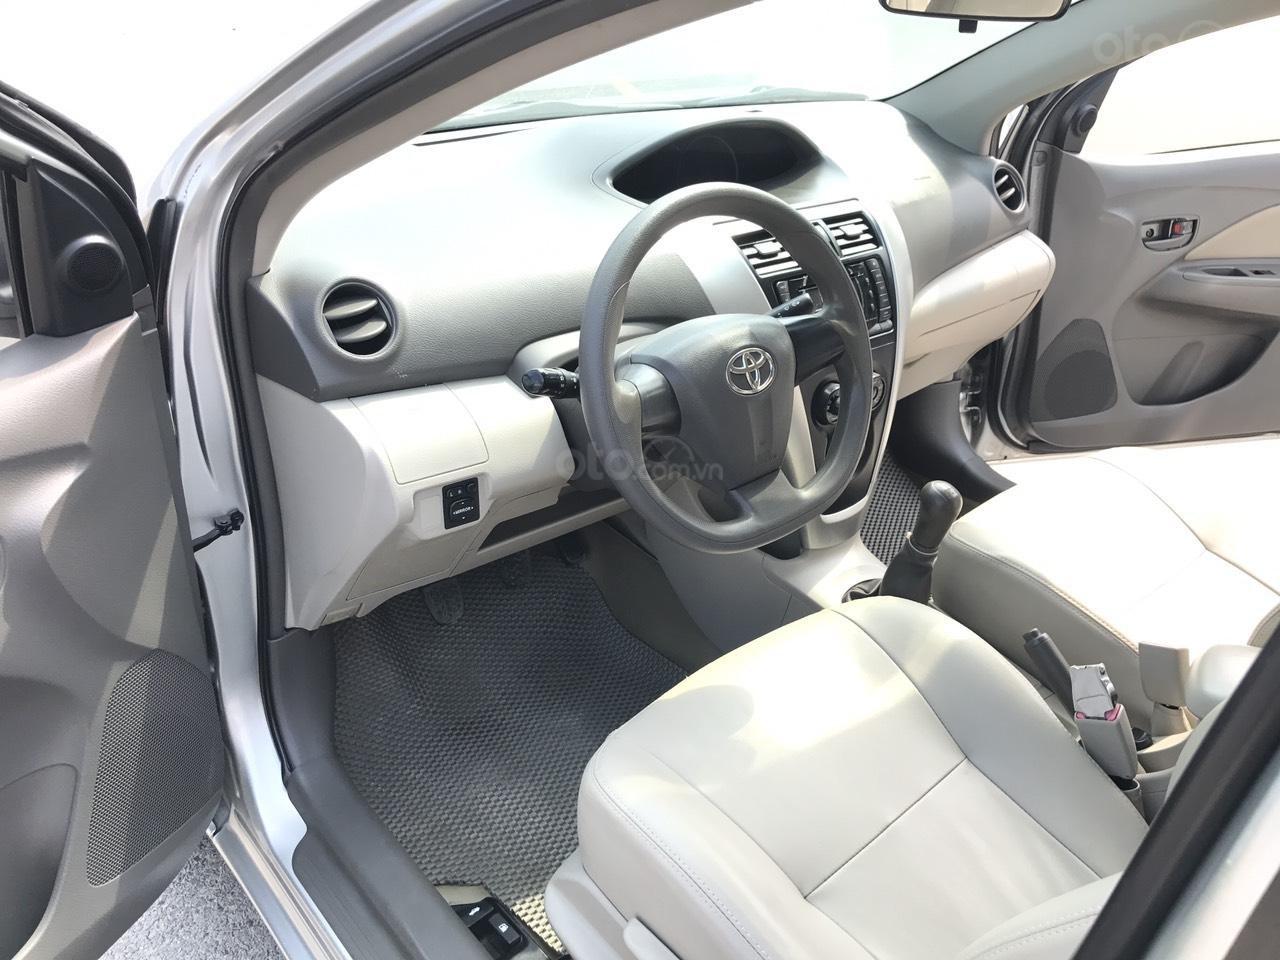 Bán xe Toyota Vios 1.5E sản xuất 2012, màu bạc, 1 chủ từ mới, máy zin 1 cục, nói không với xe taxi (4)